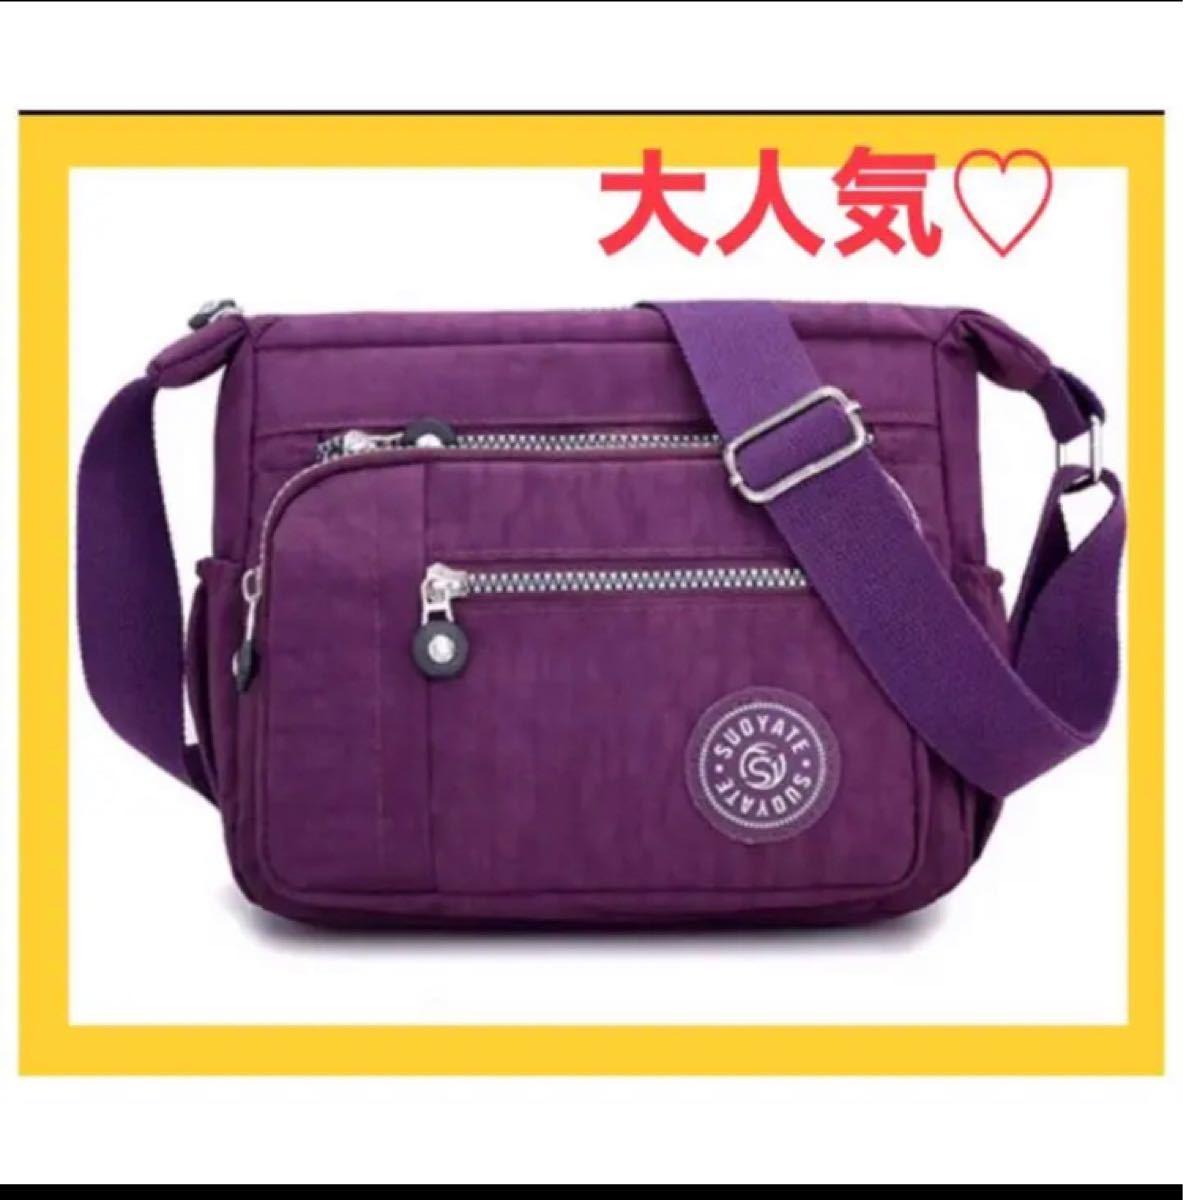 ショルダーバッグ ボディーバッグ 紫  レディースバッグ  マザーズバッグ iPad 斜めがけバッグ 軽量